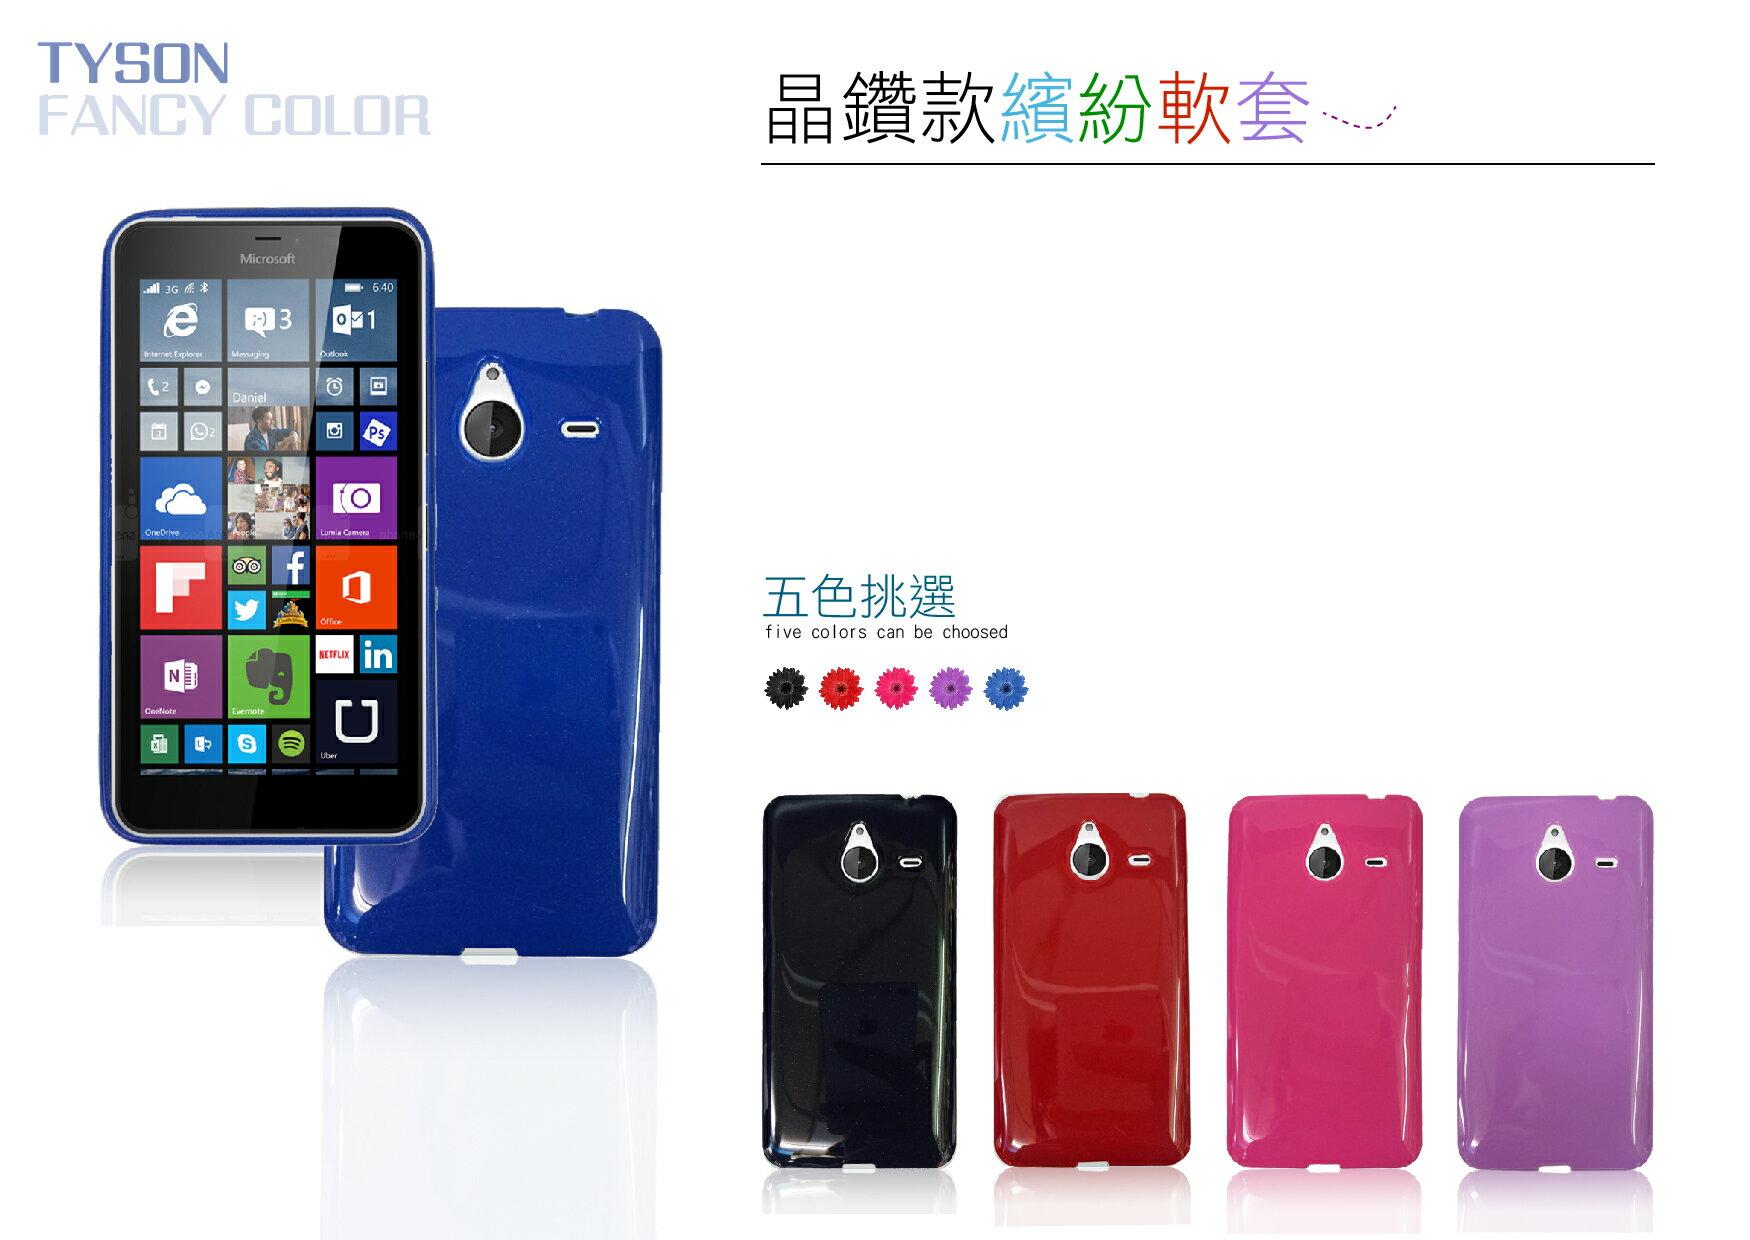 小米MIUI 紅米Note 3 特製版 5.5 吋 手機專用 繽紛晶鑽系列 保護殼 軟殼 手機套 背蓋 果凍套 外殼